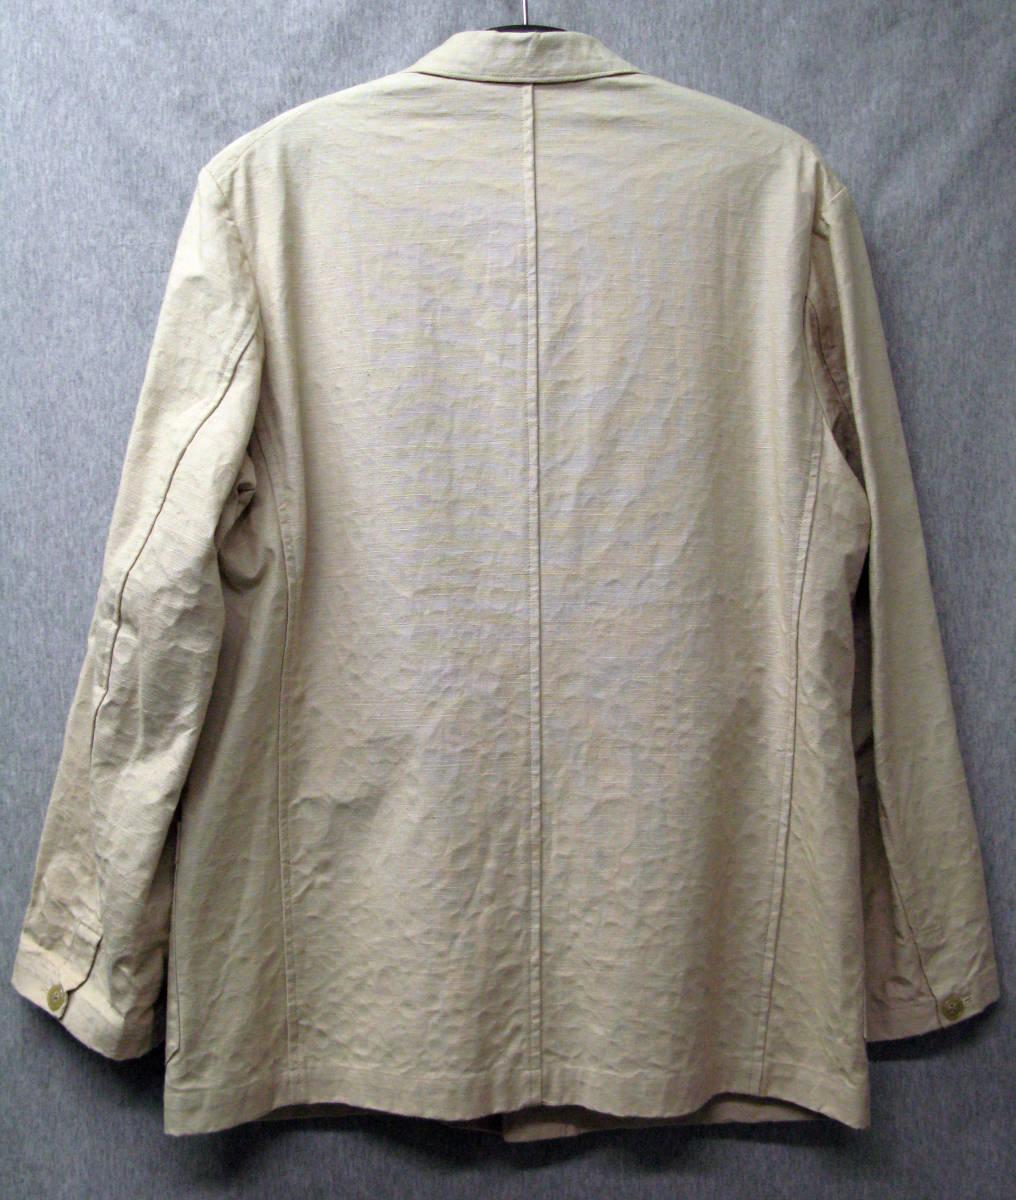 ワイズ フォーメン:裏プリント 綿麻混紡 ジャケット ( 麻ジャケット 春夏ジャケット Yohji Yamamoto linen jacket_画像2